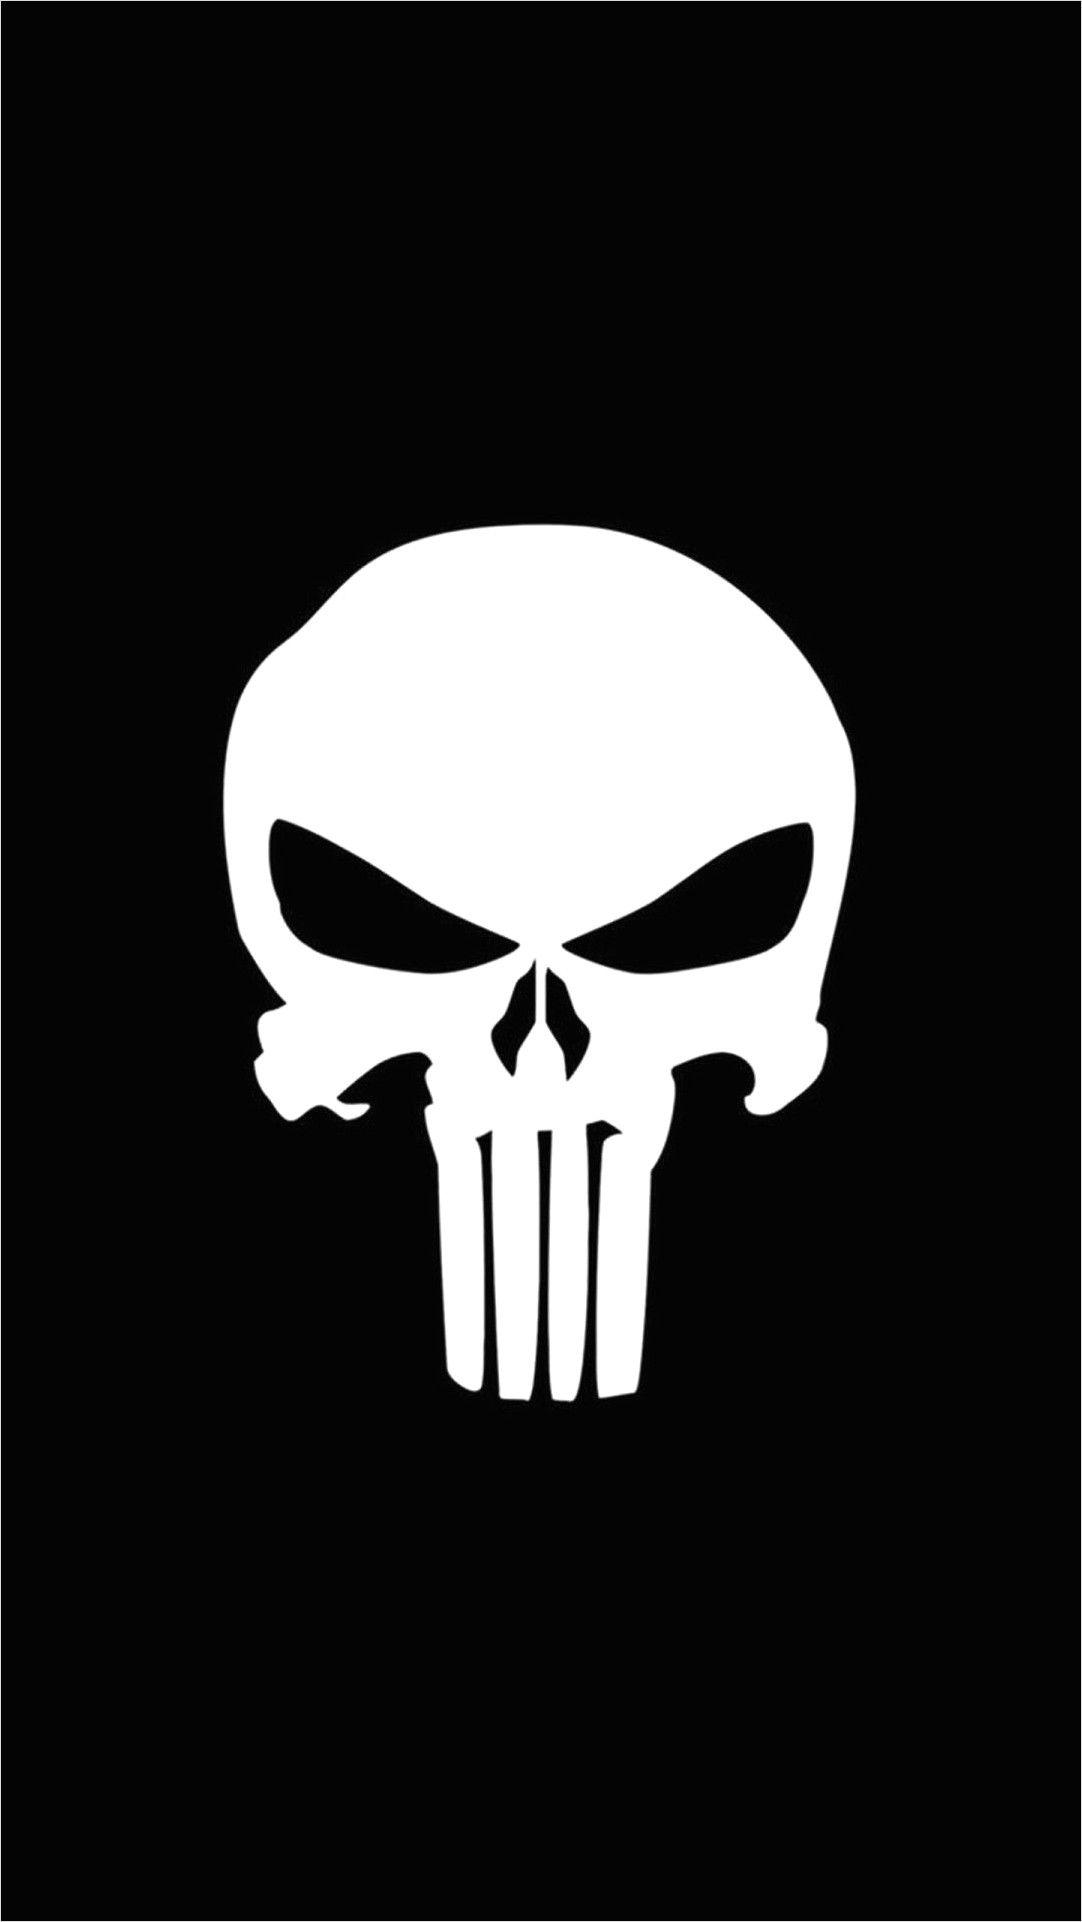 1080 X 1920 4k Wallpapers Skull in 2020 Punisher logo